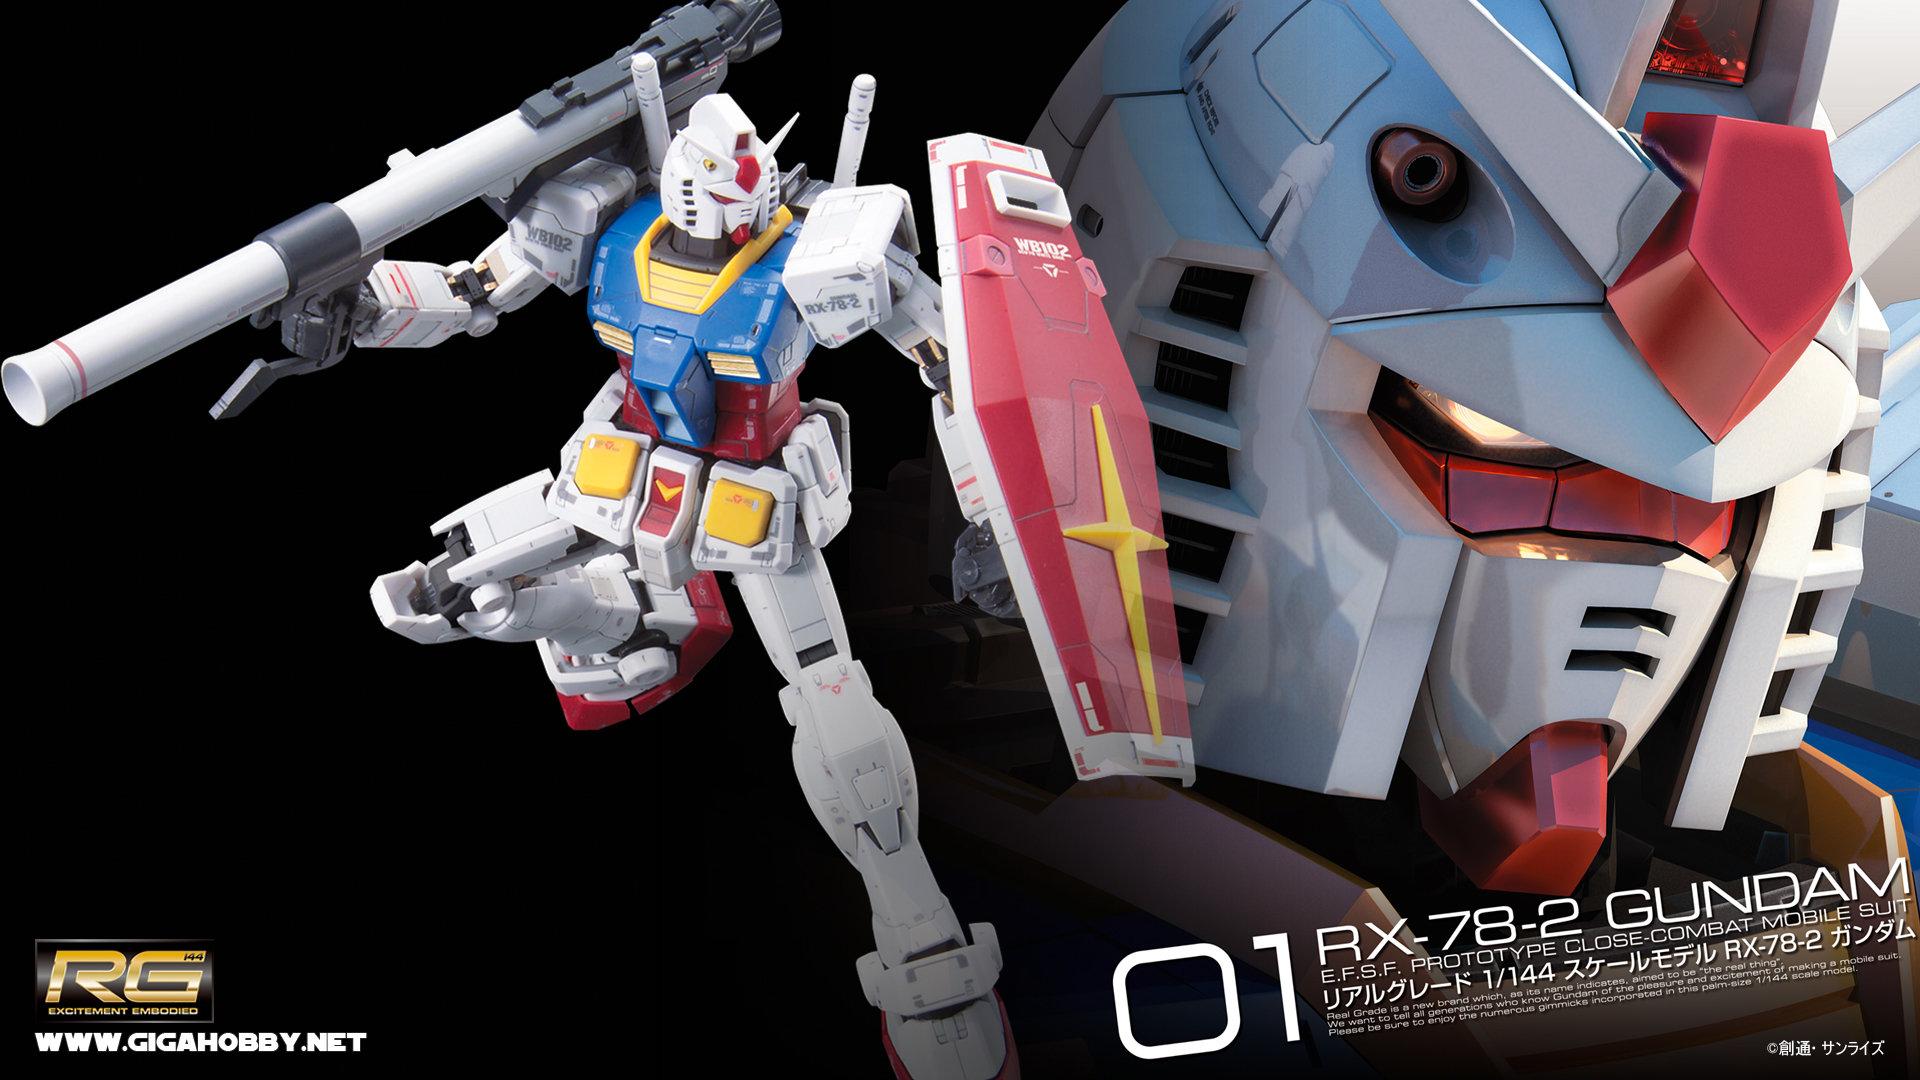 Gundam Wallpapers 1920x1080 Full Hd 1080p Desktop Backgrounds